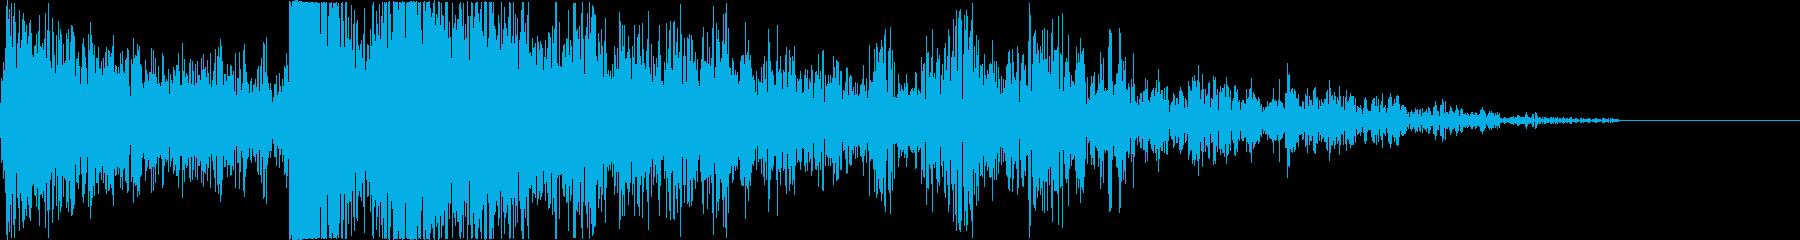 【爆発】 18 戦争 爆撃 ドーンッ!!の再生済みの波形